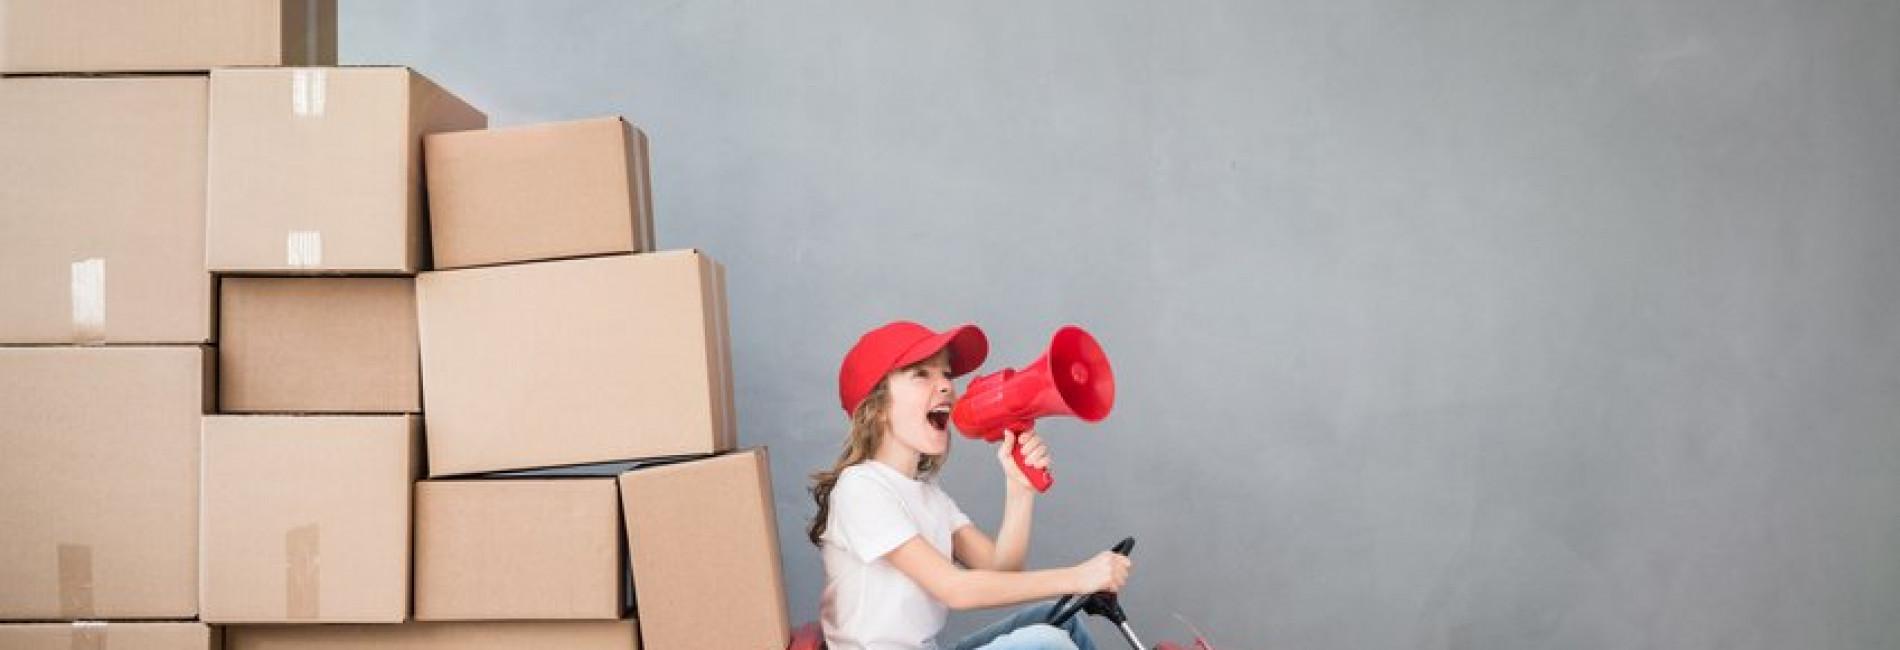 Unser Service für Sie: Wir kümmern uns um die Räumung Ihres Hauses oder organisieren Ihren Umzug. Sprechen Sie uns an